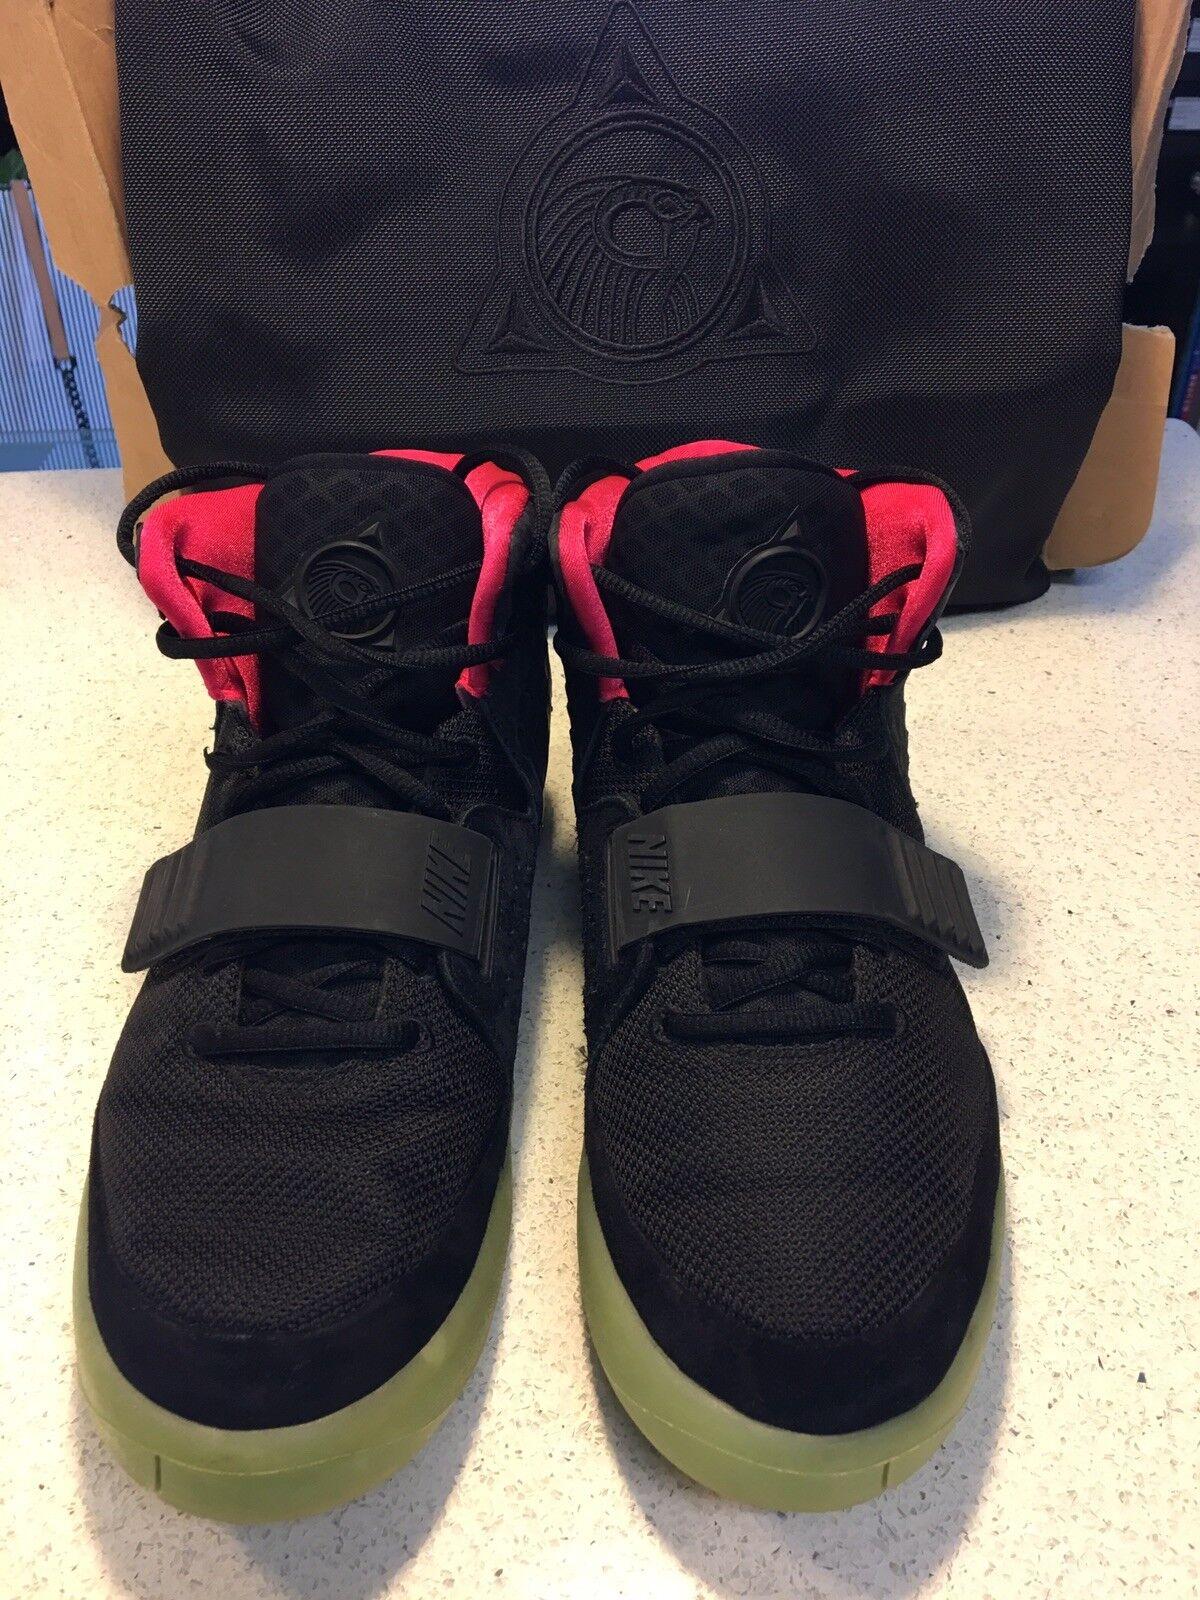 Nike air yeezy 2 nrg nero solare rosso solare nero taglia 10 b98bd3